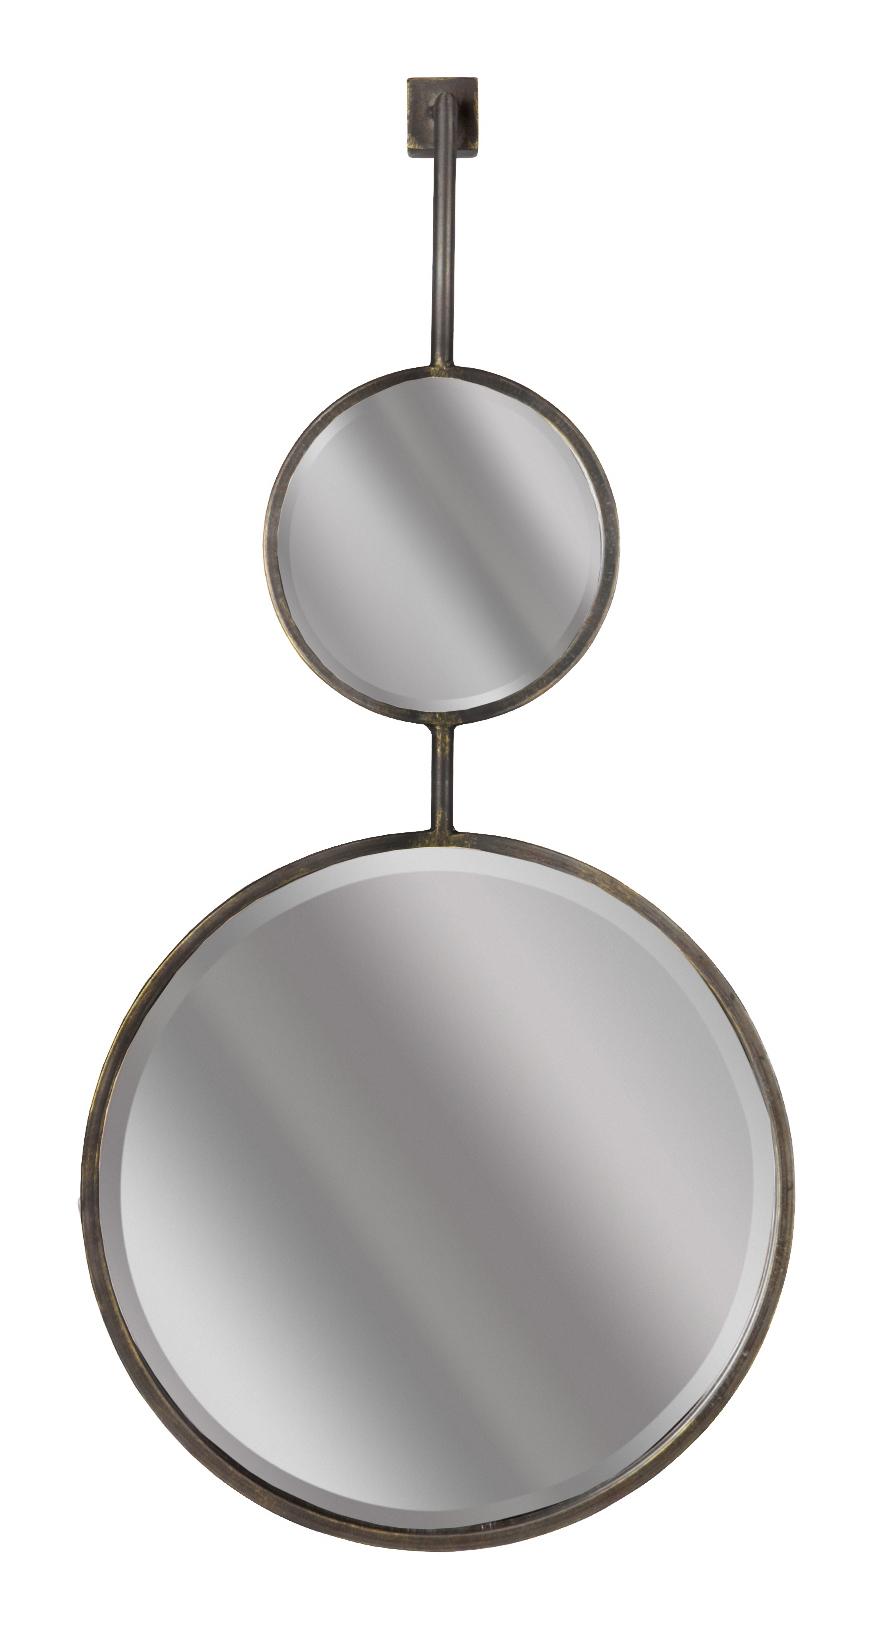 BePureHome Spiegel 'Chain' 82 x 40cm, kleur Antique Black BePureHome 30971 kopen